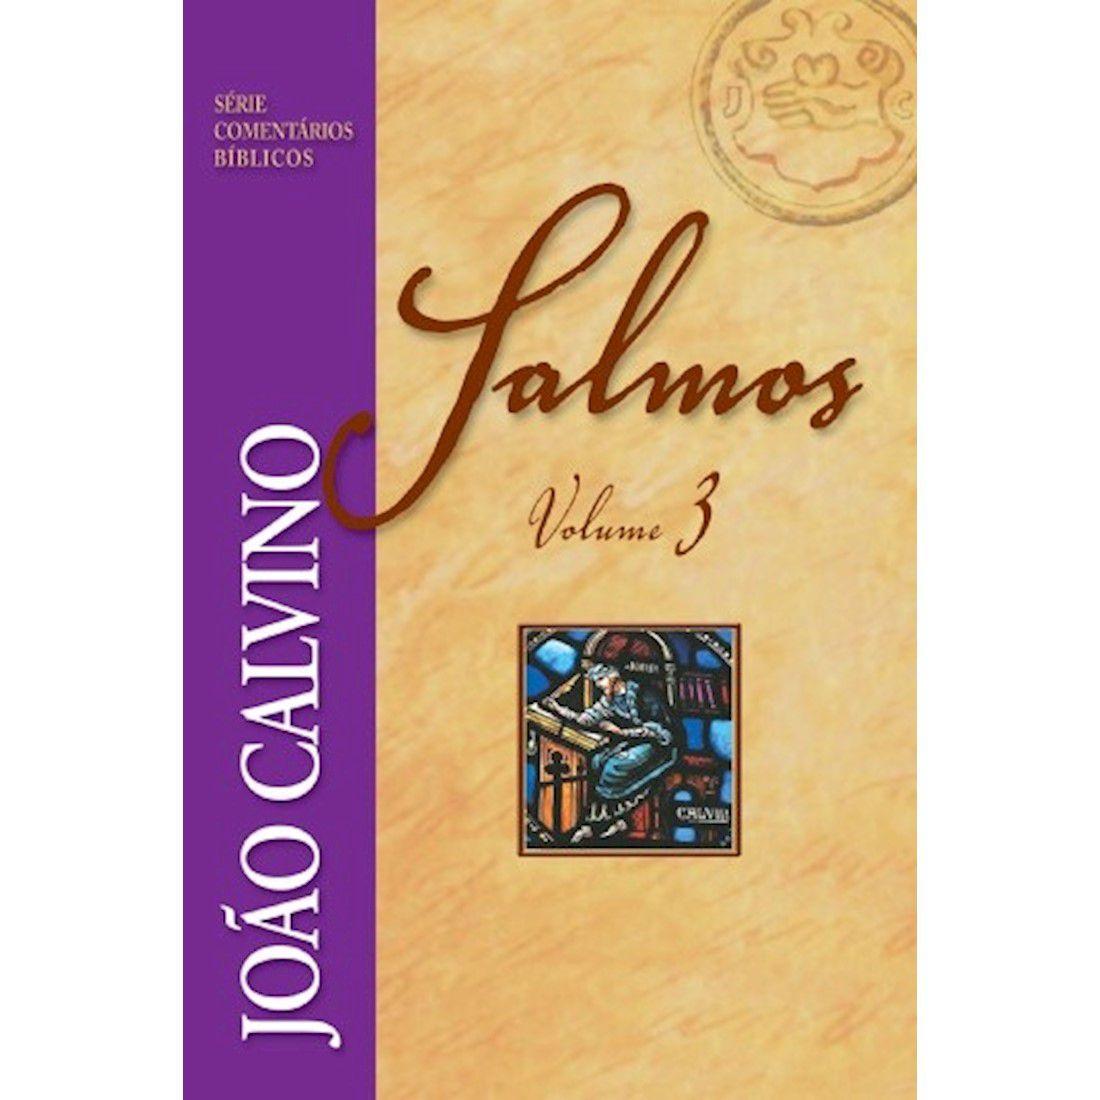 Livro Salmos - Vol. 3 - Série Comentários Bíblicos